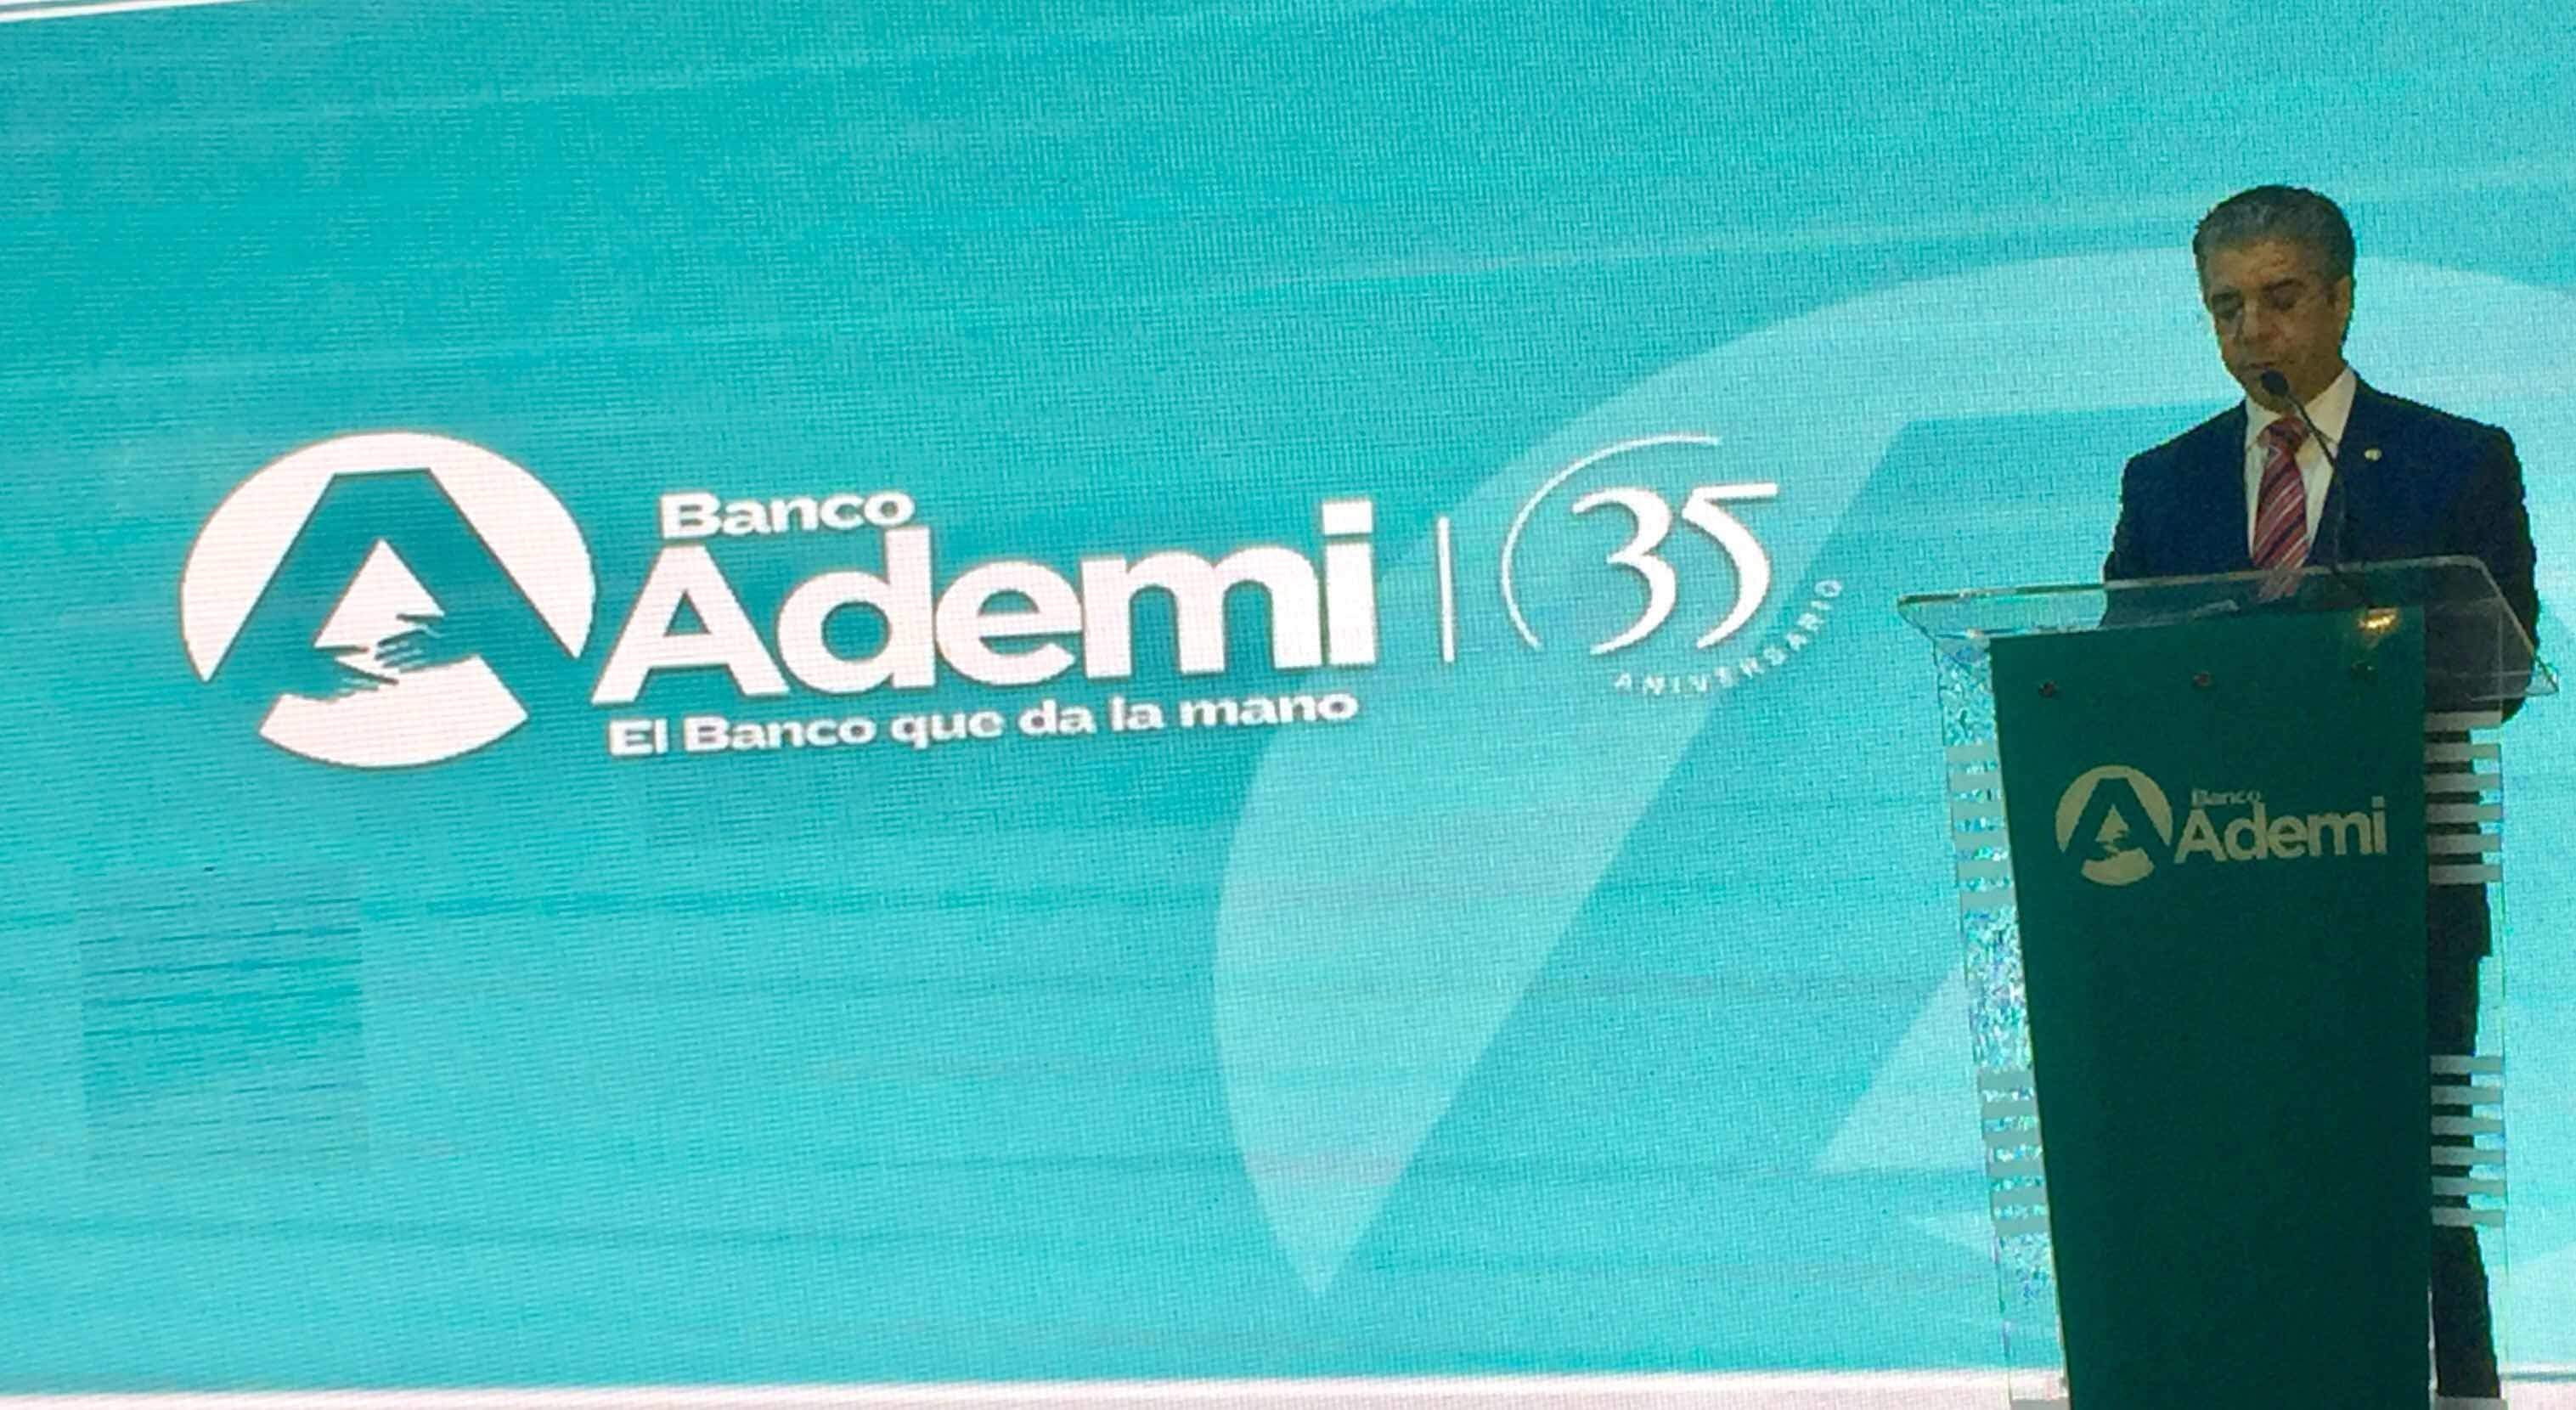 Banco Ademi celebra su 35 aniversario